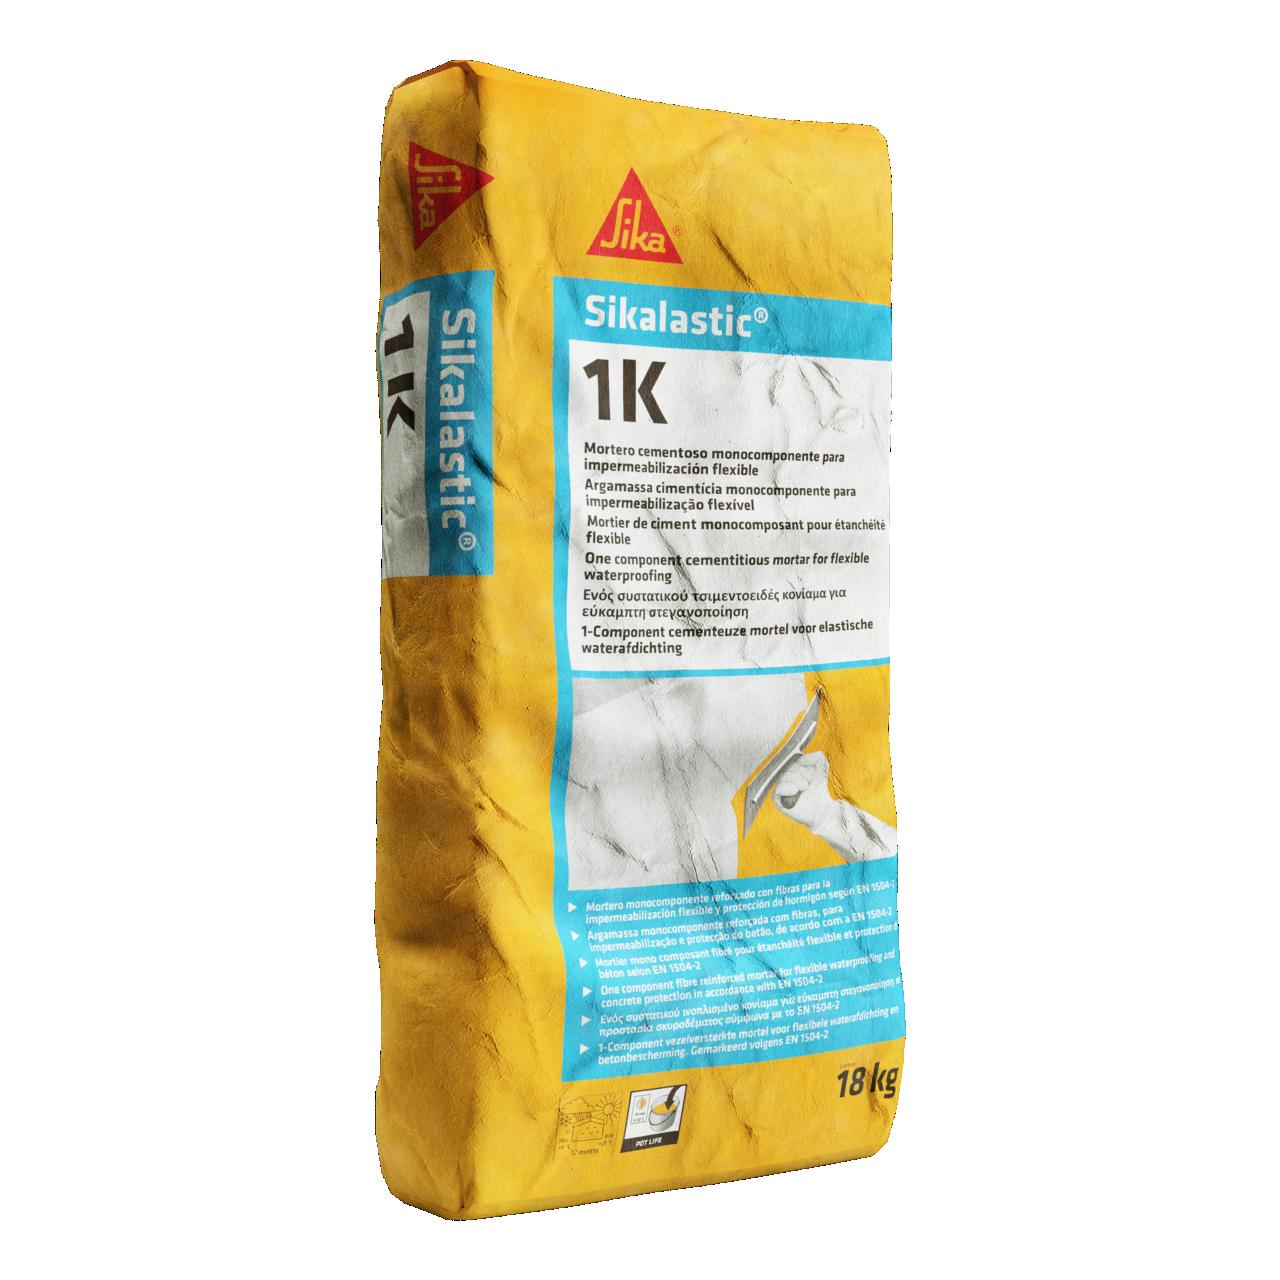 Sikalastic®-1K | Impermeabilizações sujeitas a deformações | Ideias e soluções para Cerâmicos Sika Consigo